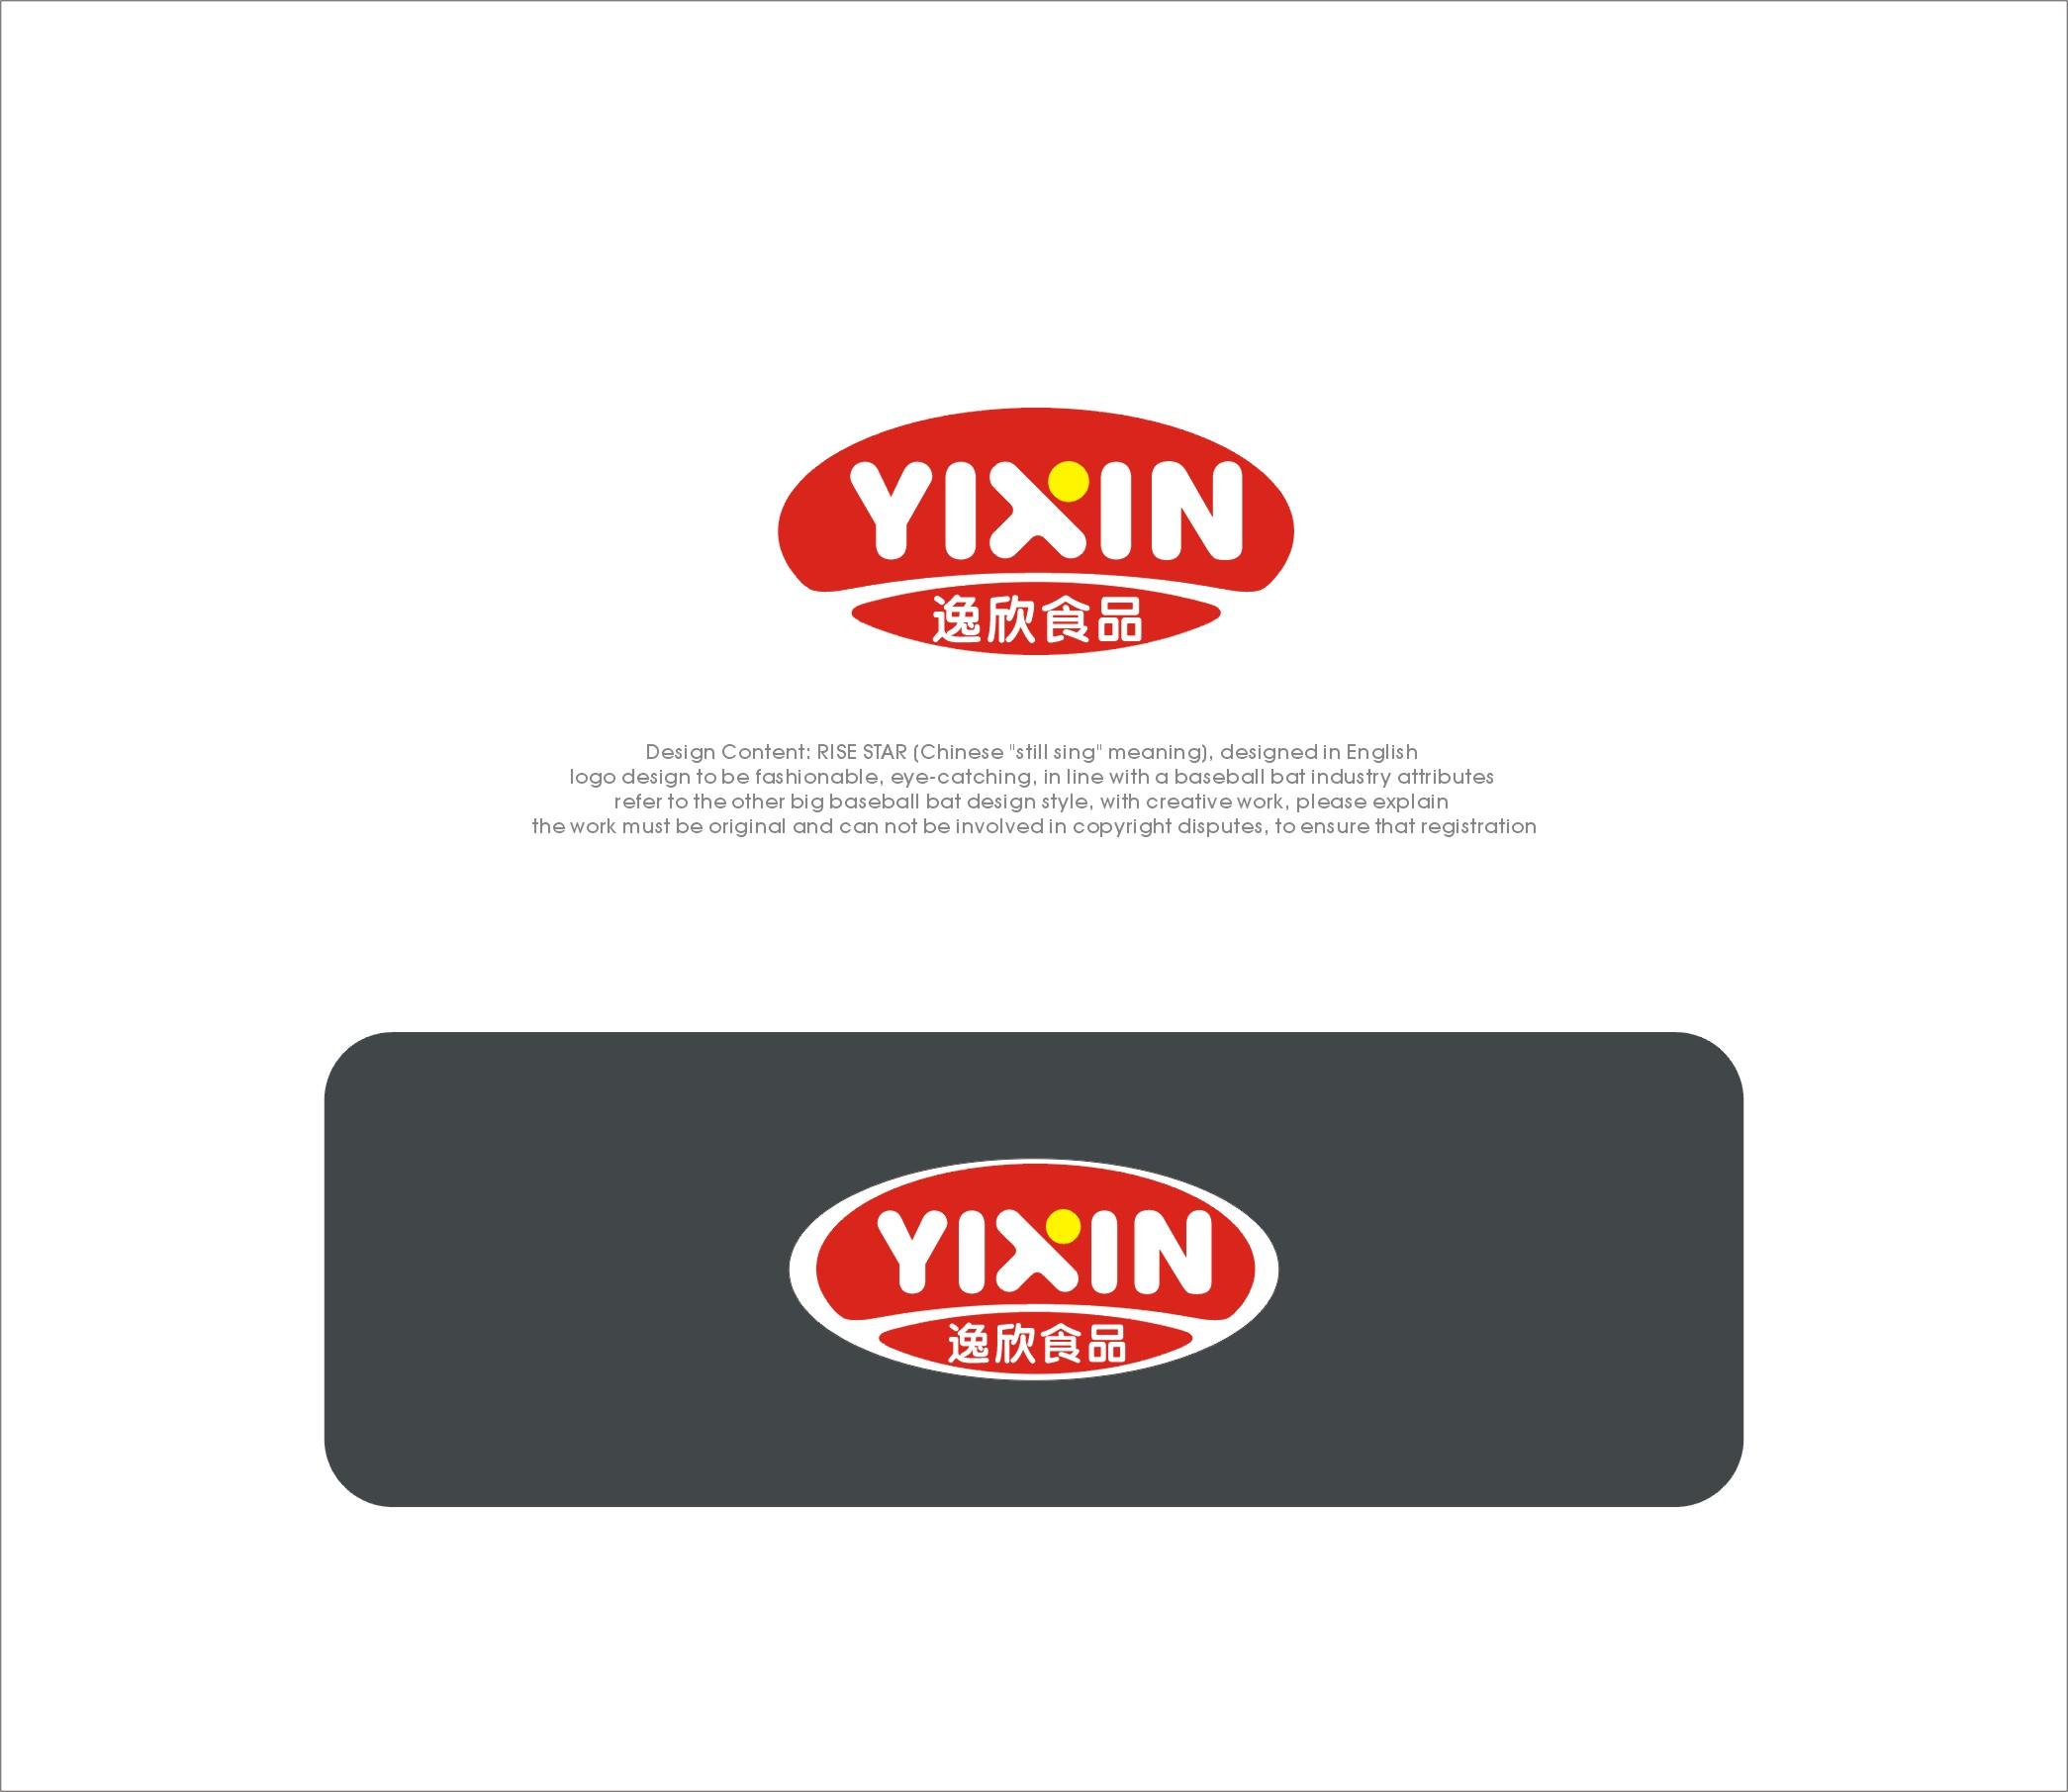 逸欣食品贸易商行logo设计